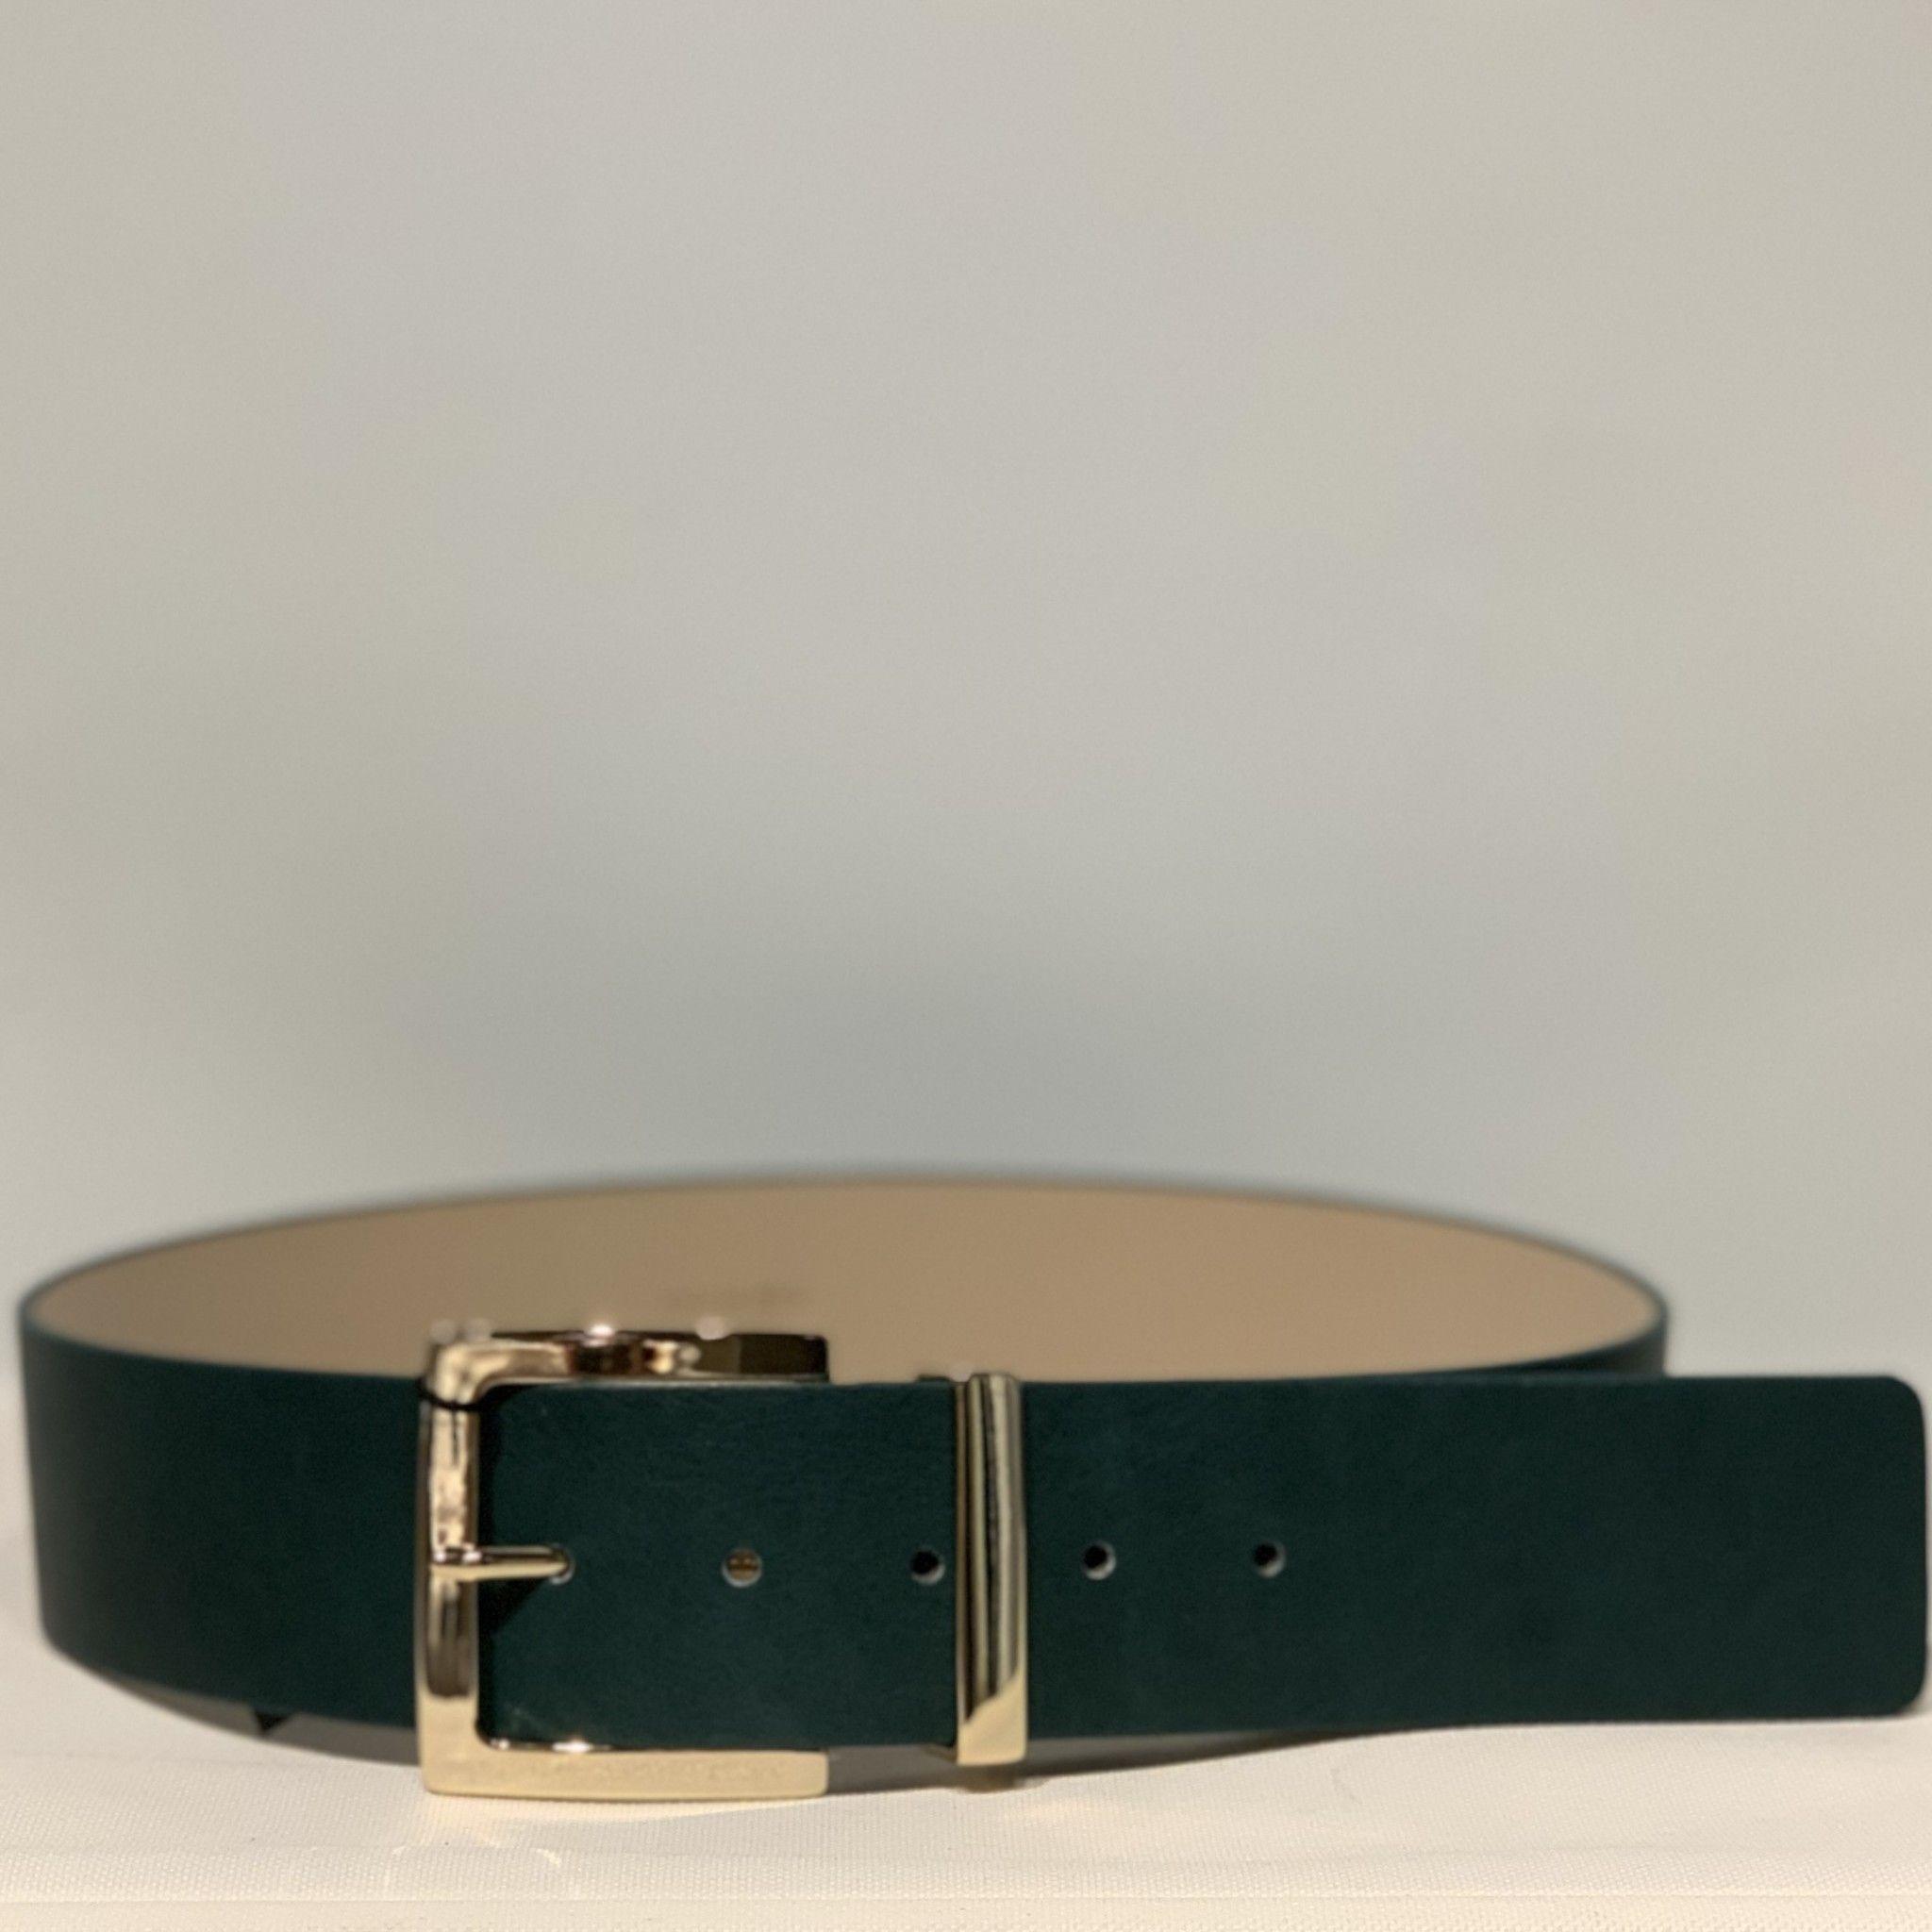 Cintura pelle verdone PELLETTERIA G4